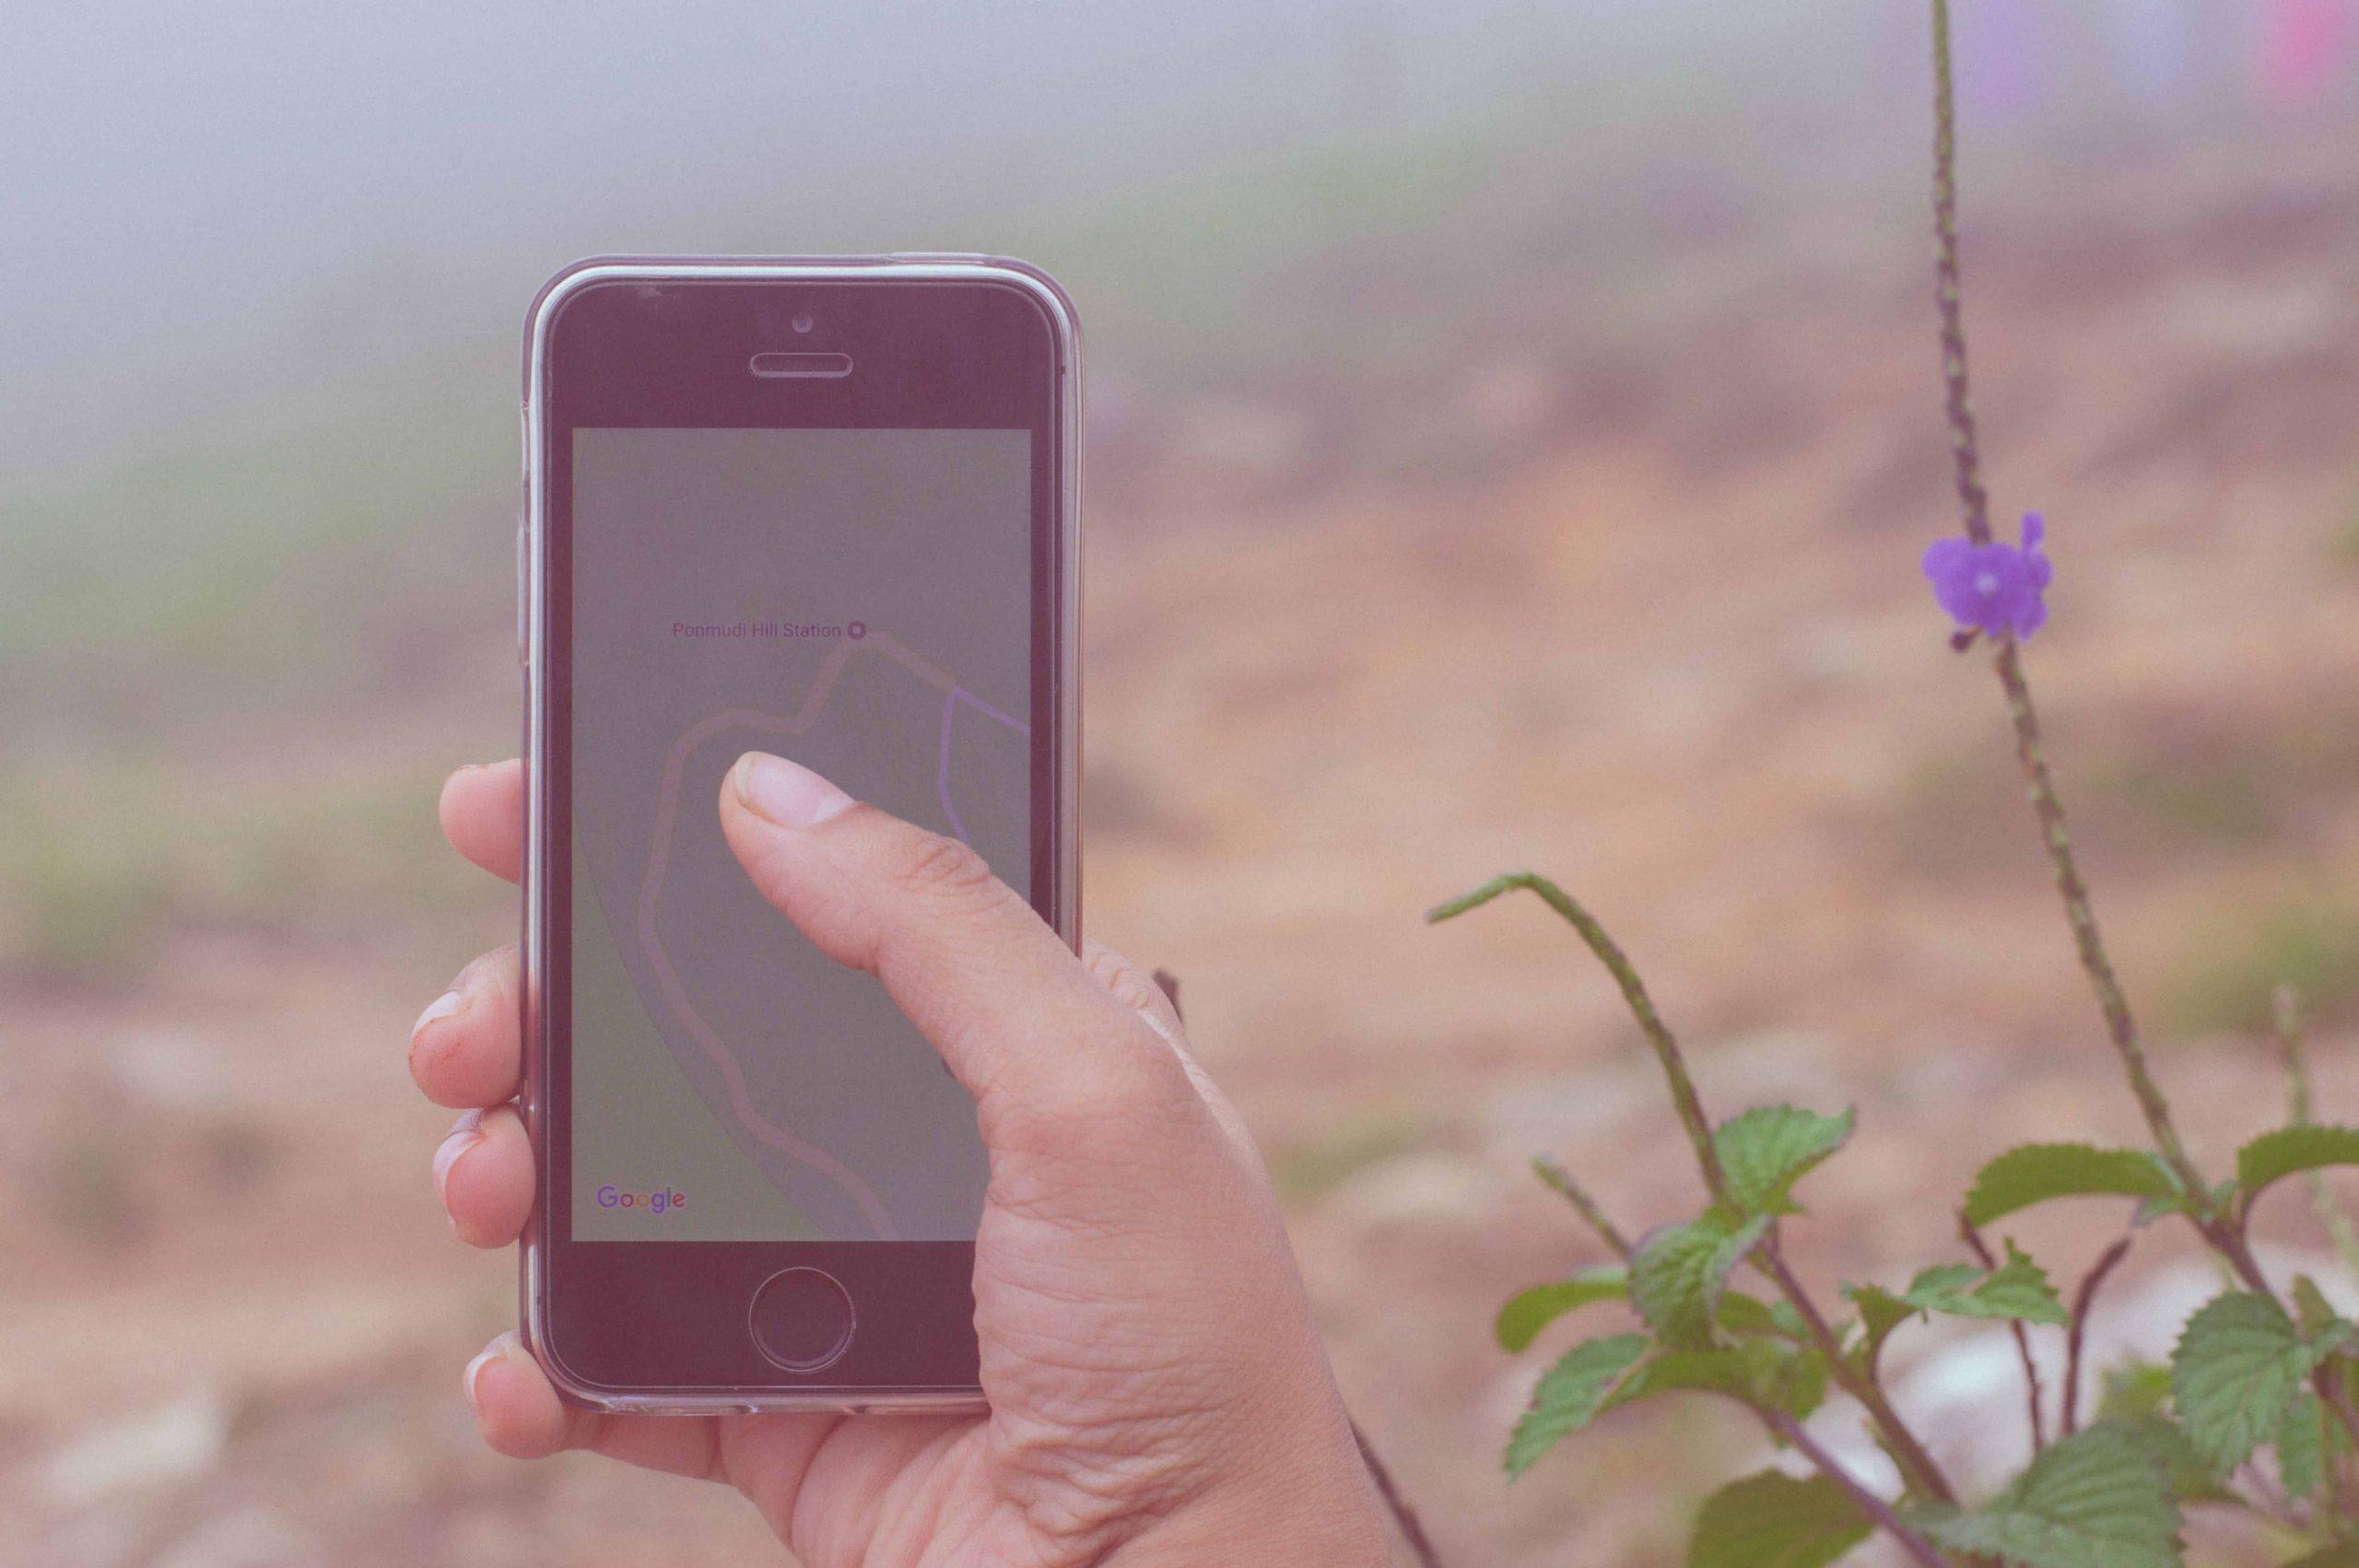 Comment utiliser Google Maps sans Wi-Fi